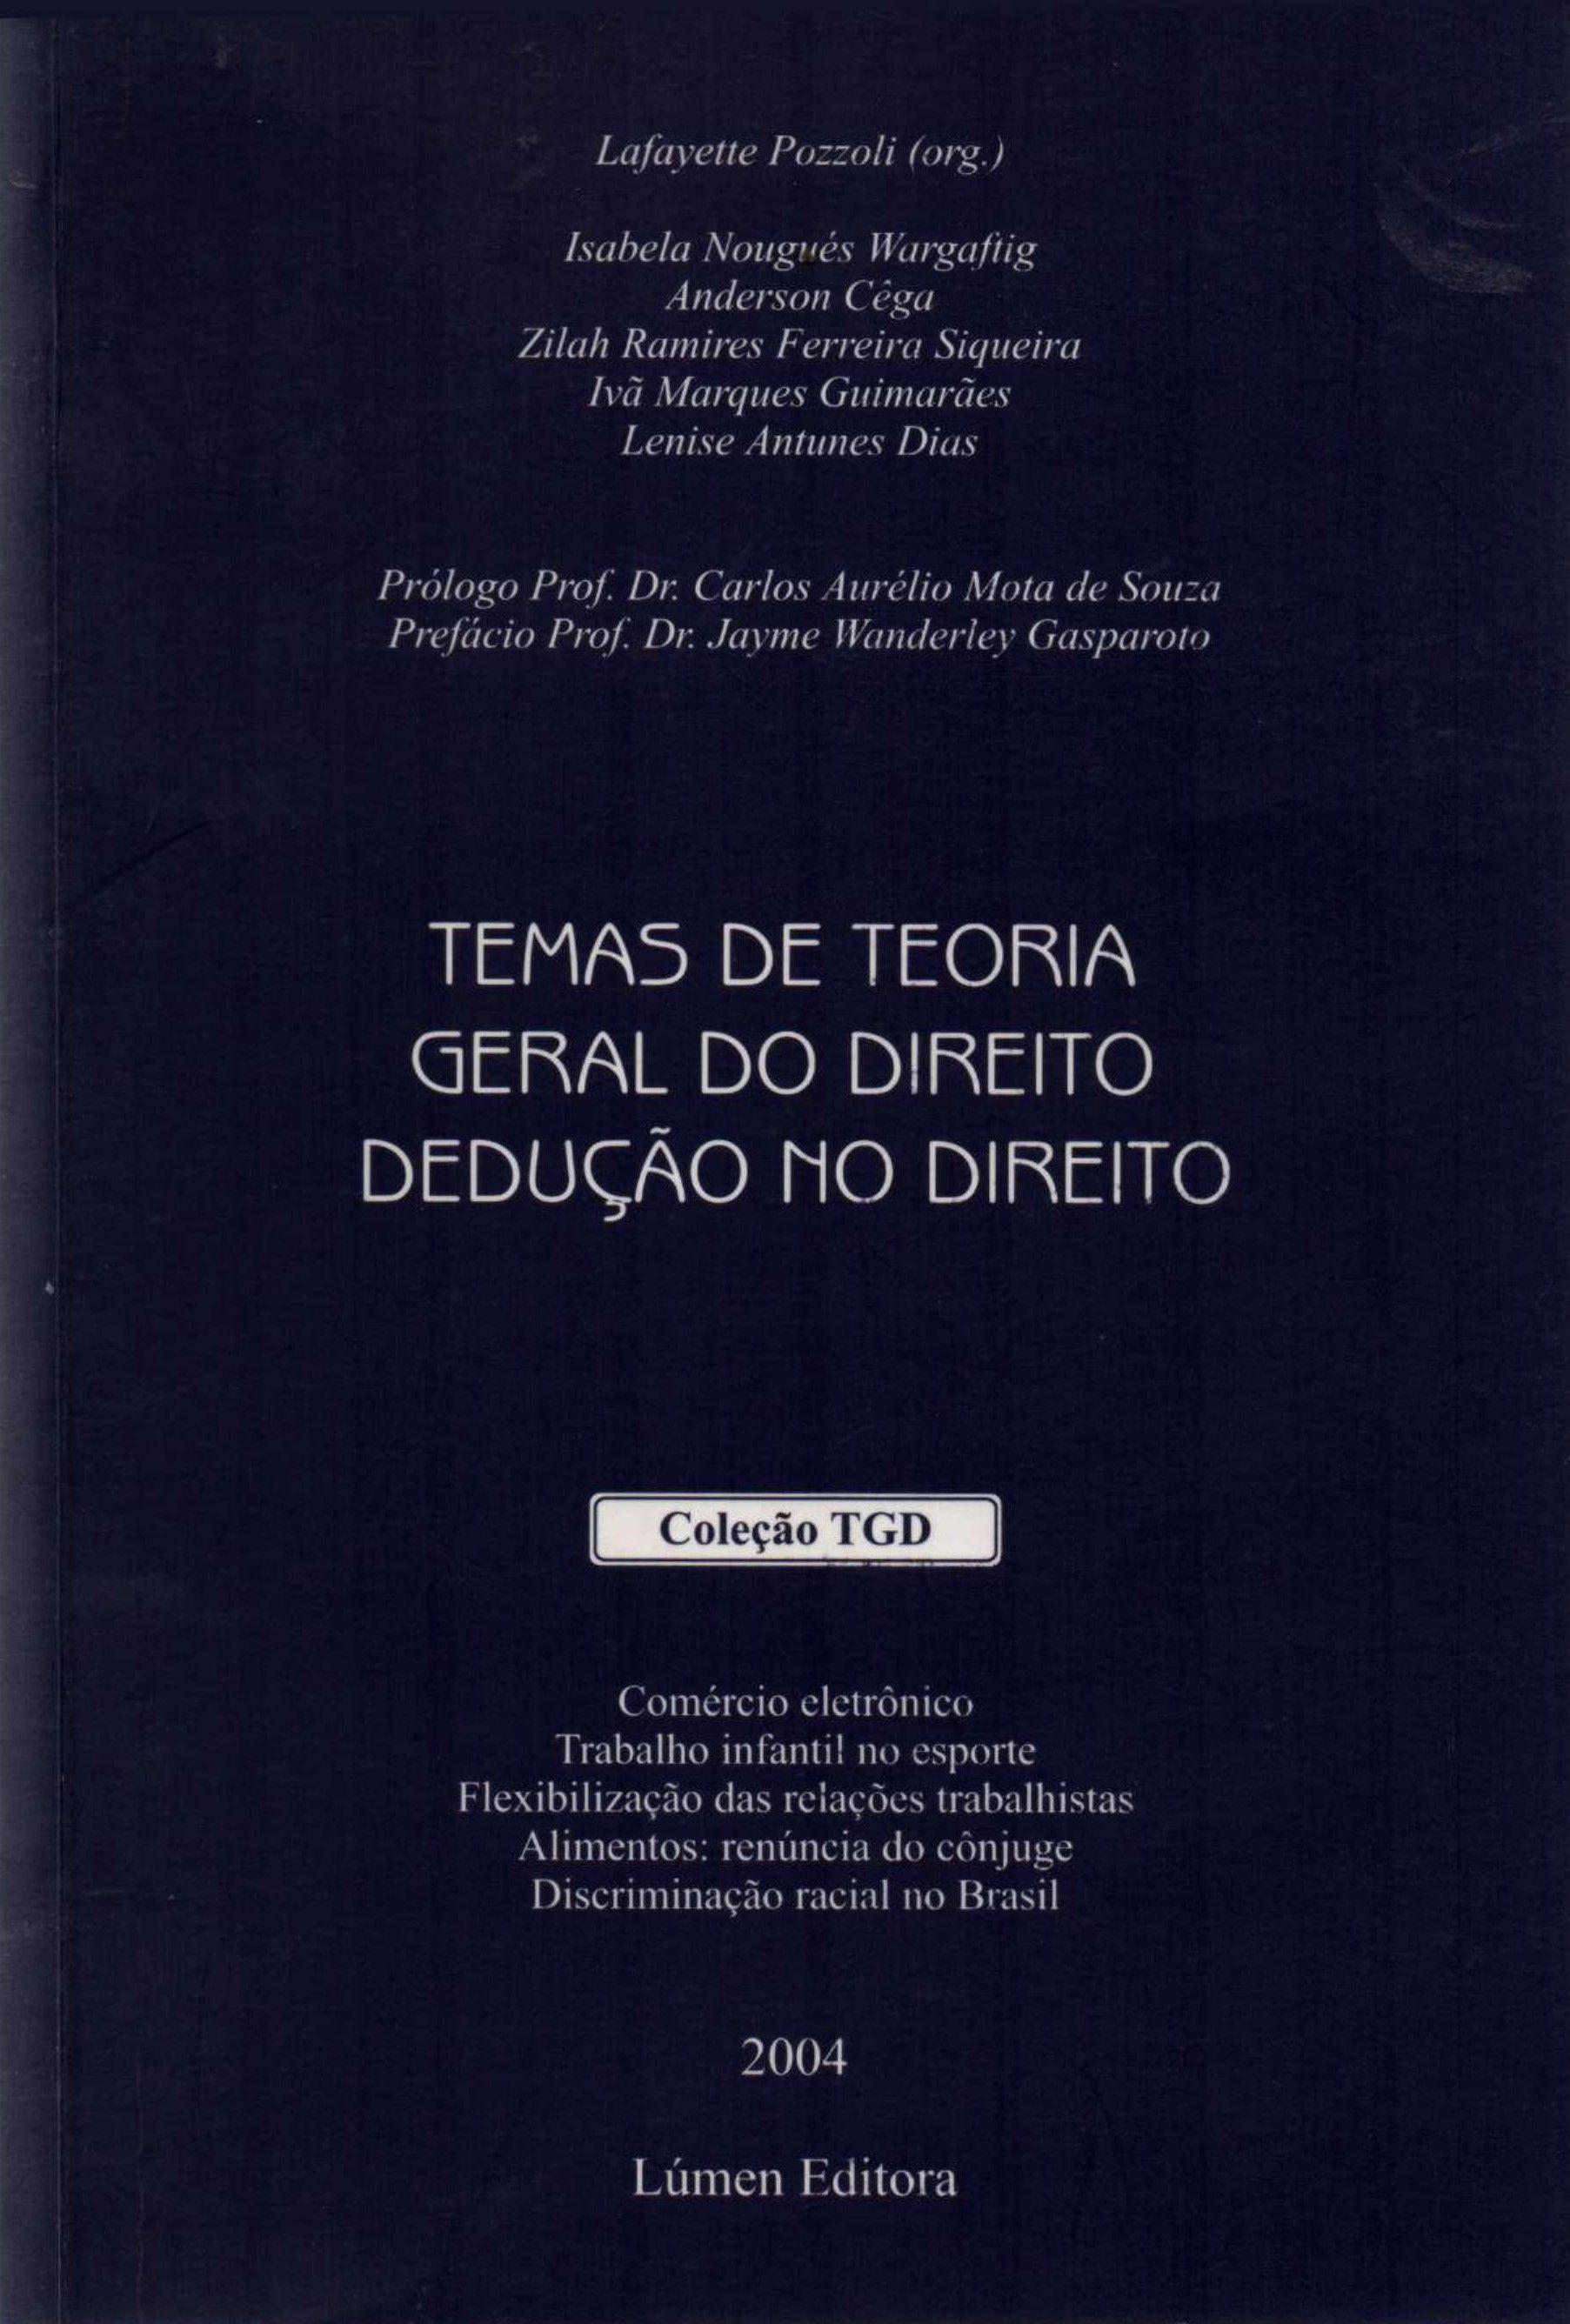 Temas de Teoria Geral do Direito - Dedução No Direito